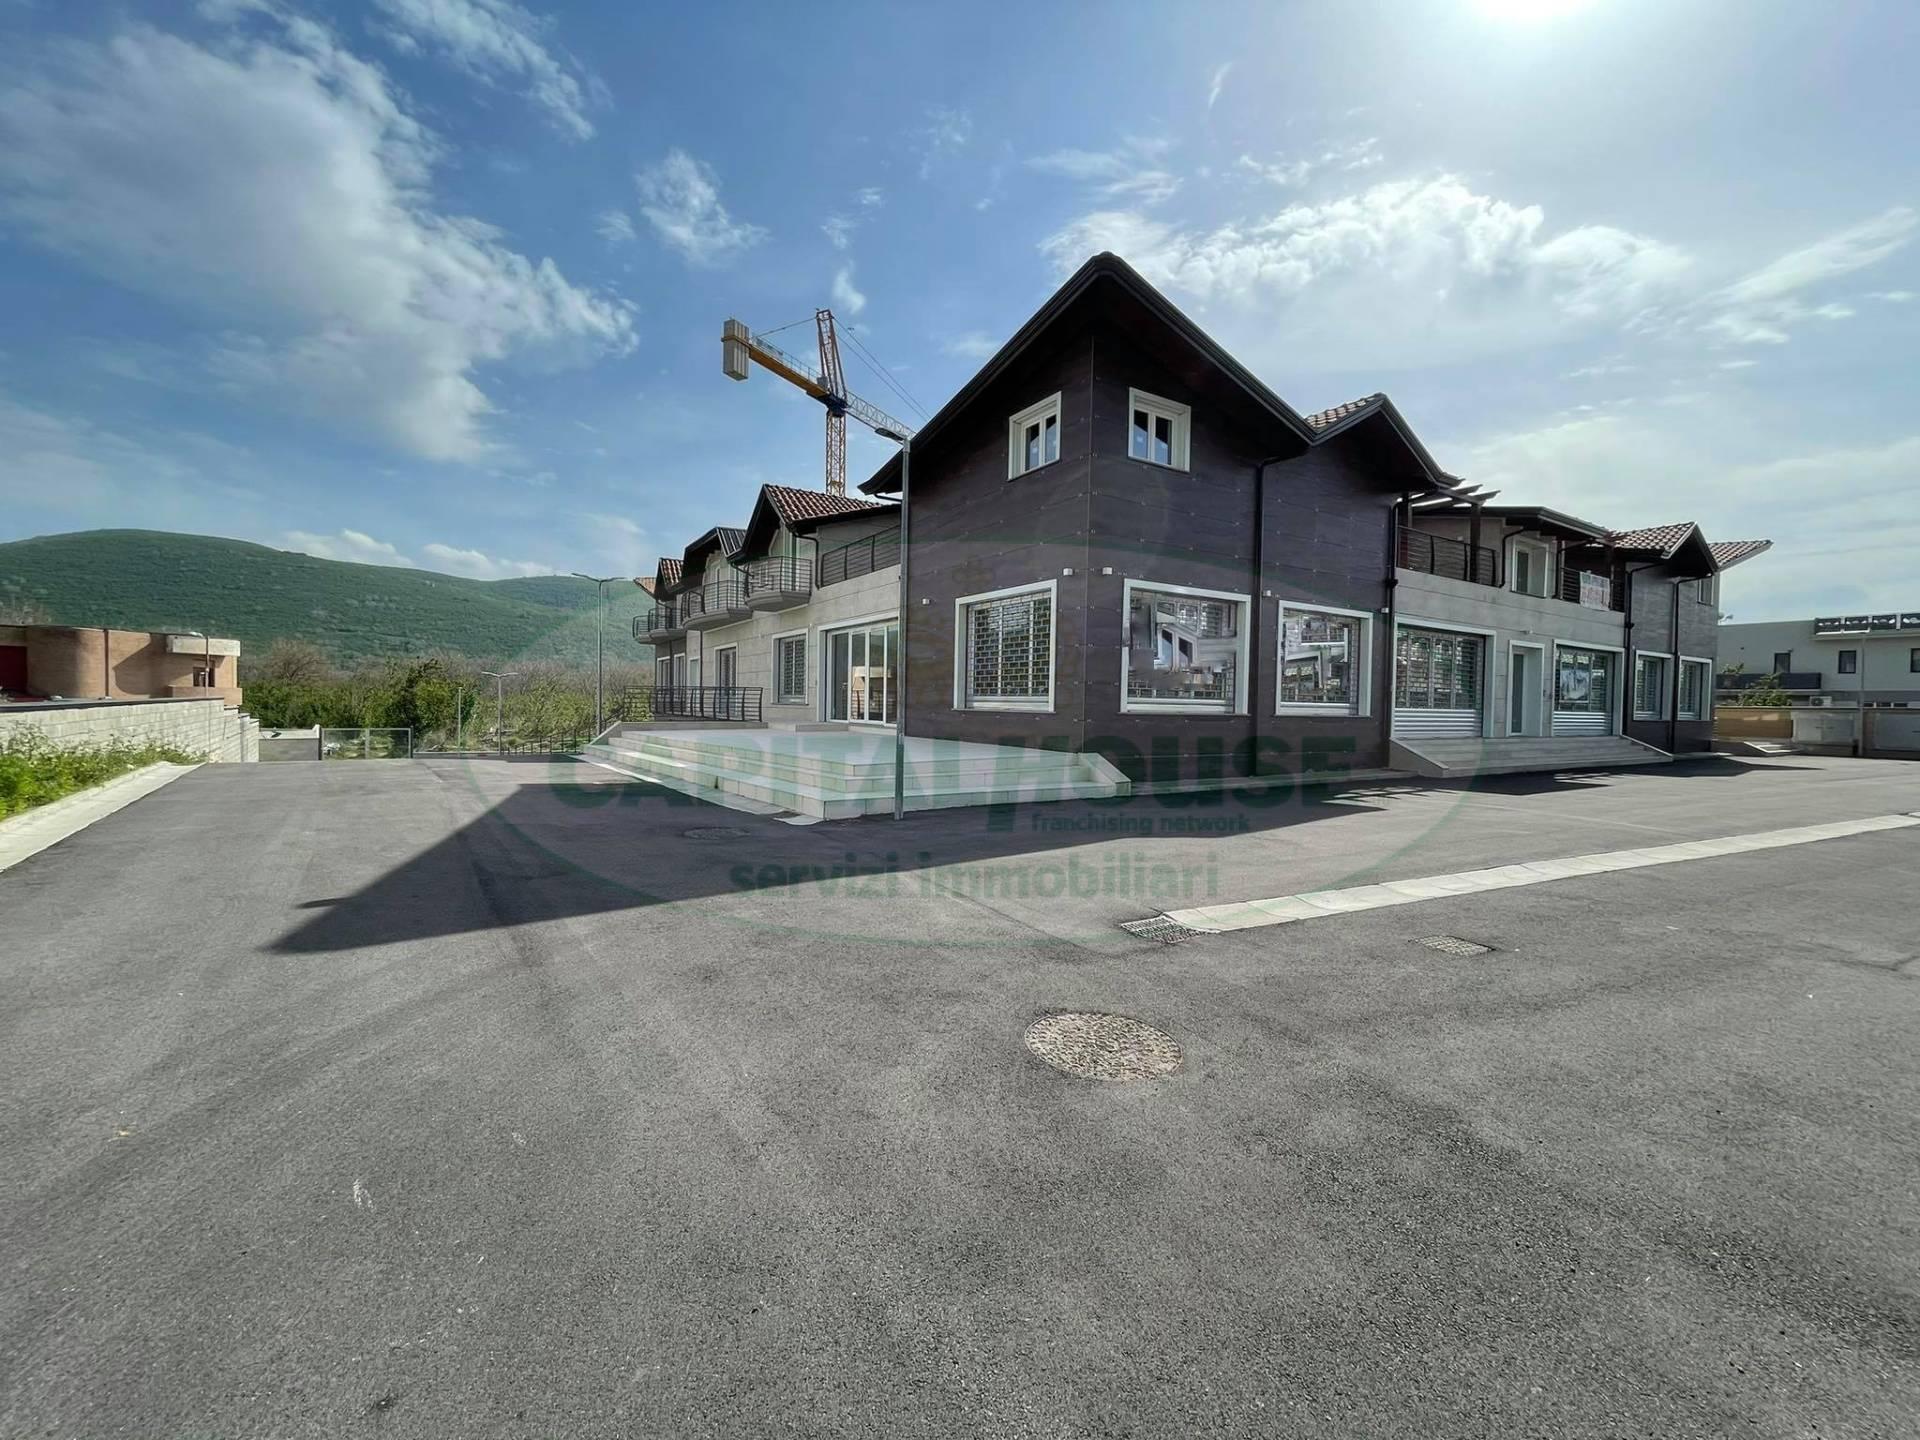 Appartamento in vendita a Sperone, 4 locali, prezzo € 185.000 | PortaleAgenzieImmobiliari.it